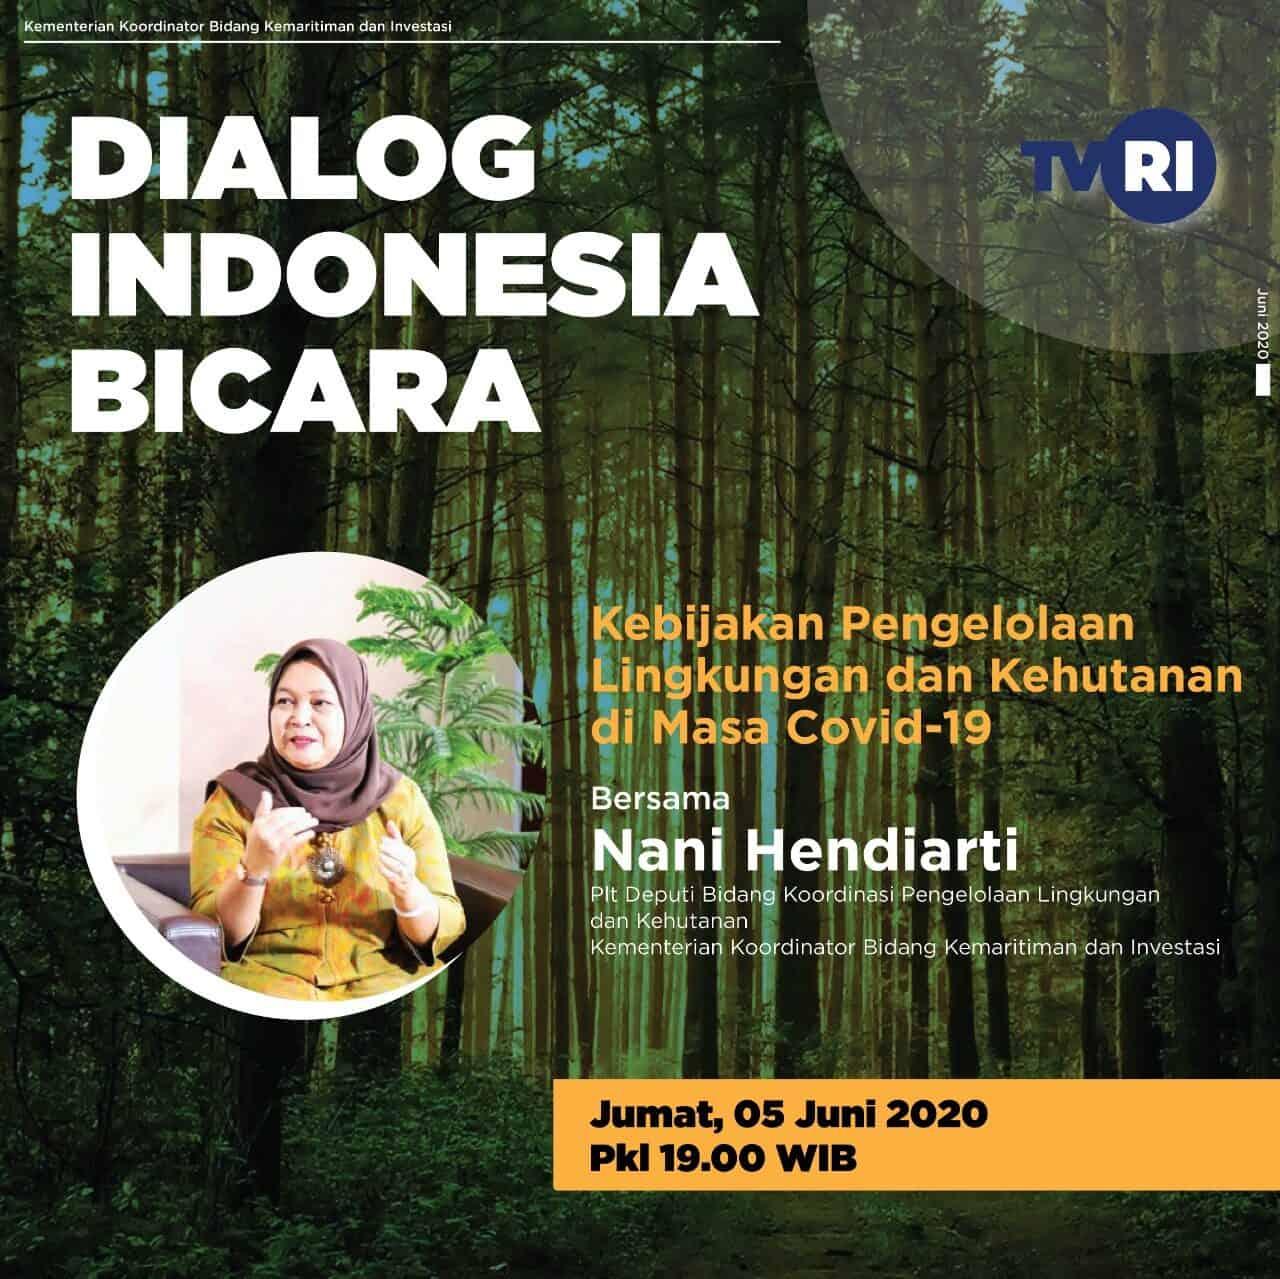 Indonesia Bicara – Kebijakan Pengelolaan Lingkungan dan Kehutanan di Masa Covid-19